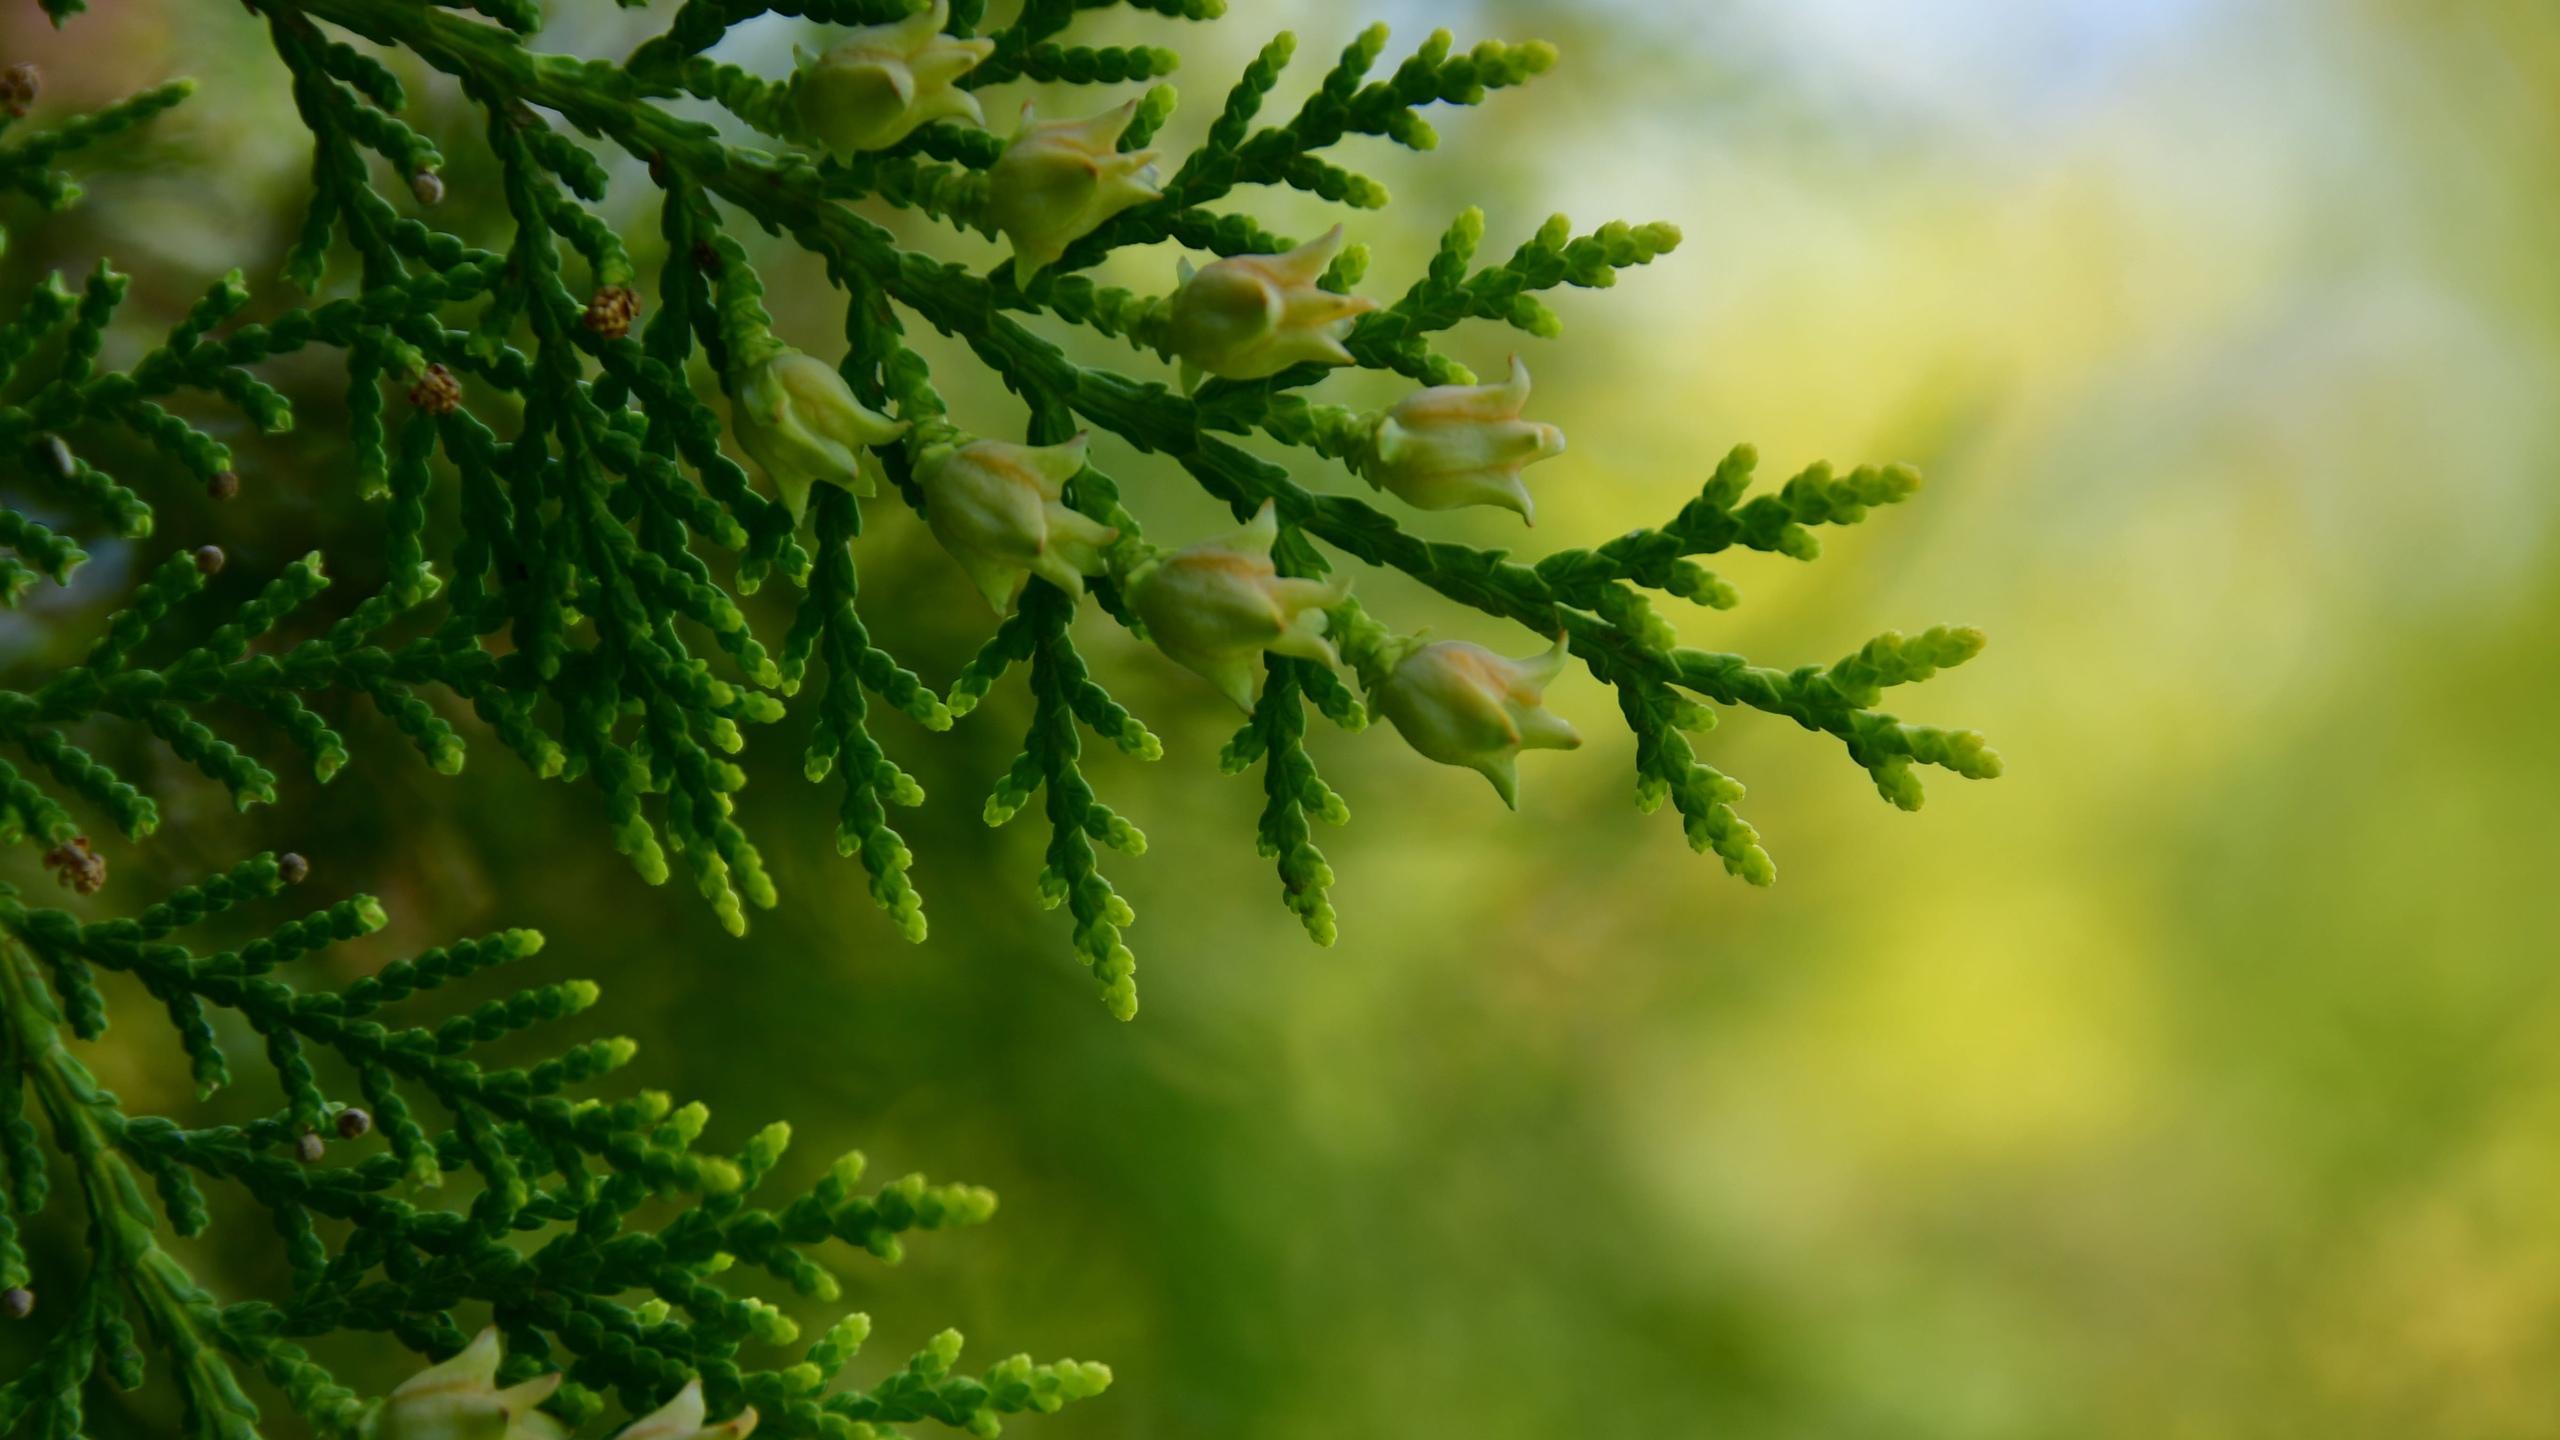 小清新,护眼壁纸,绿色,柏树,树枝